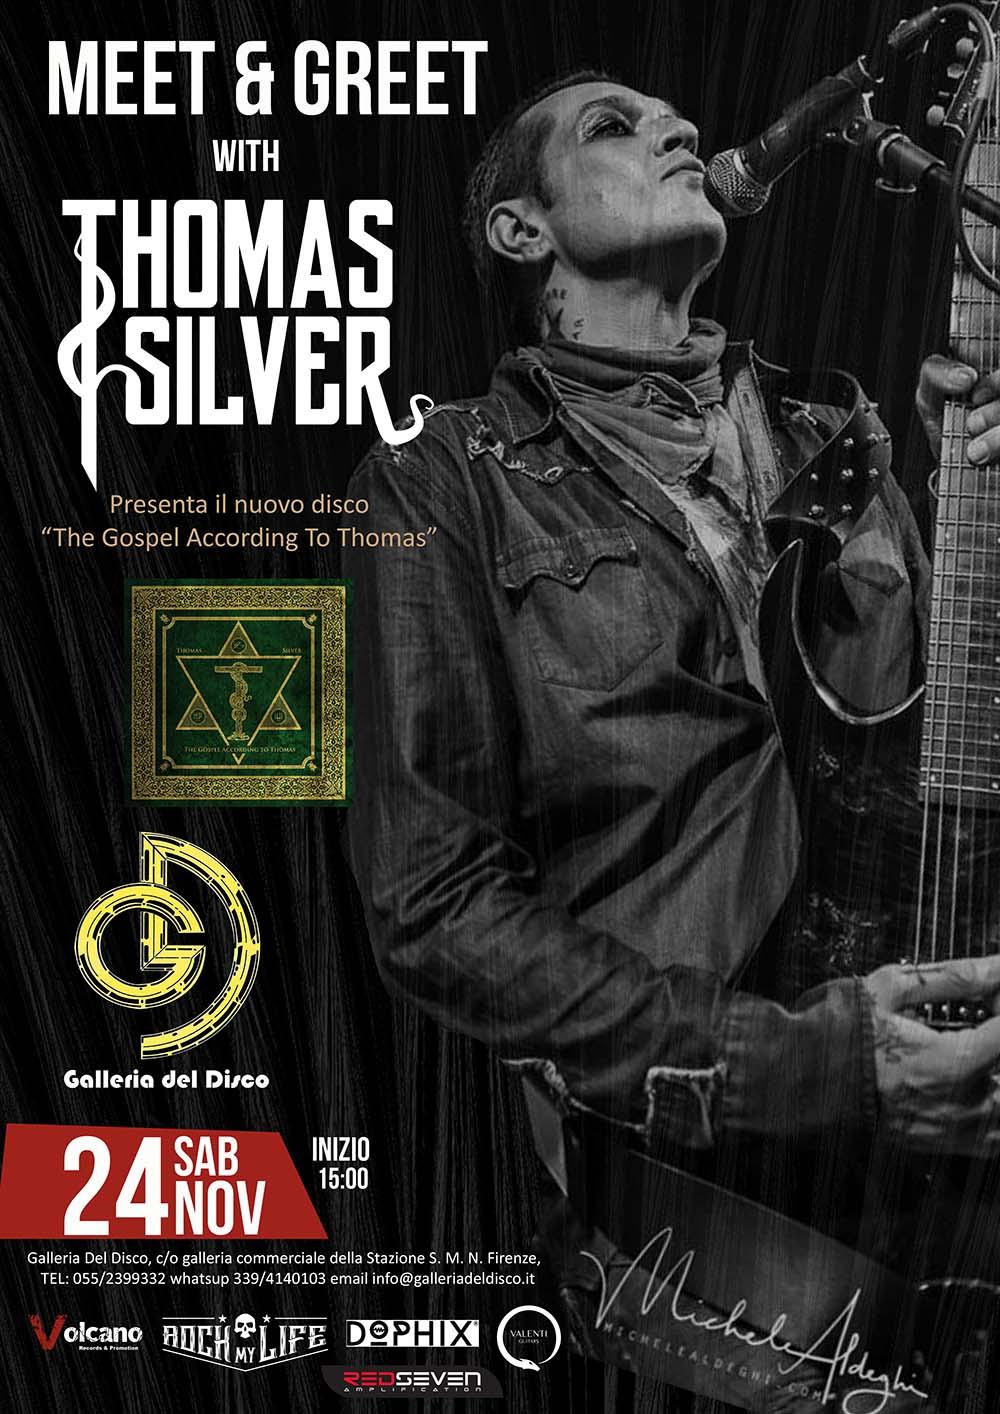 Thomas Silver